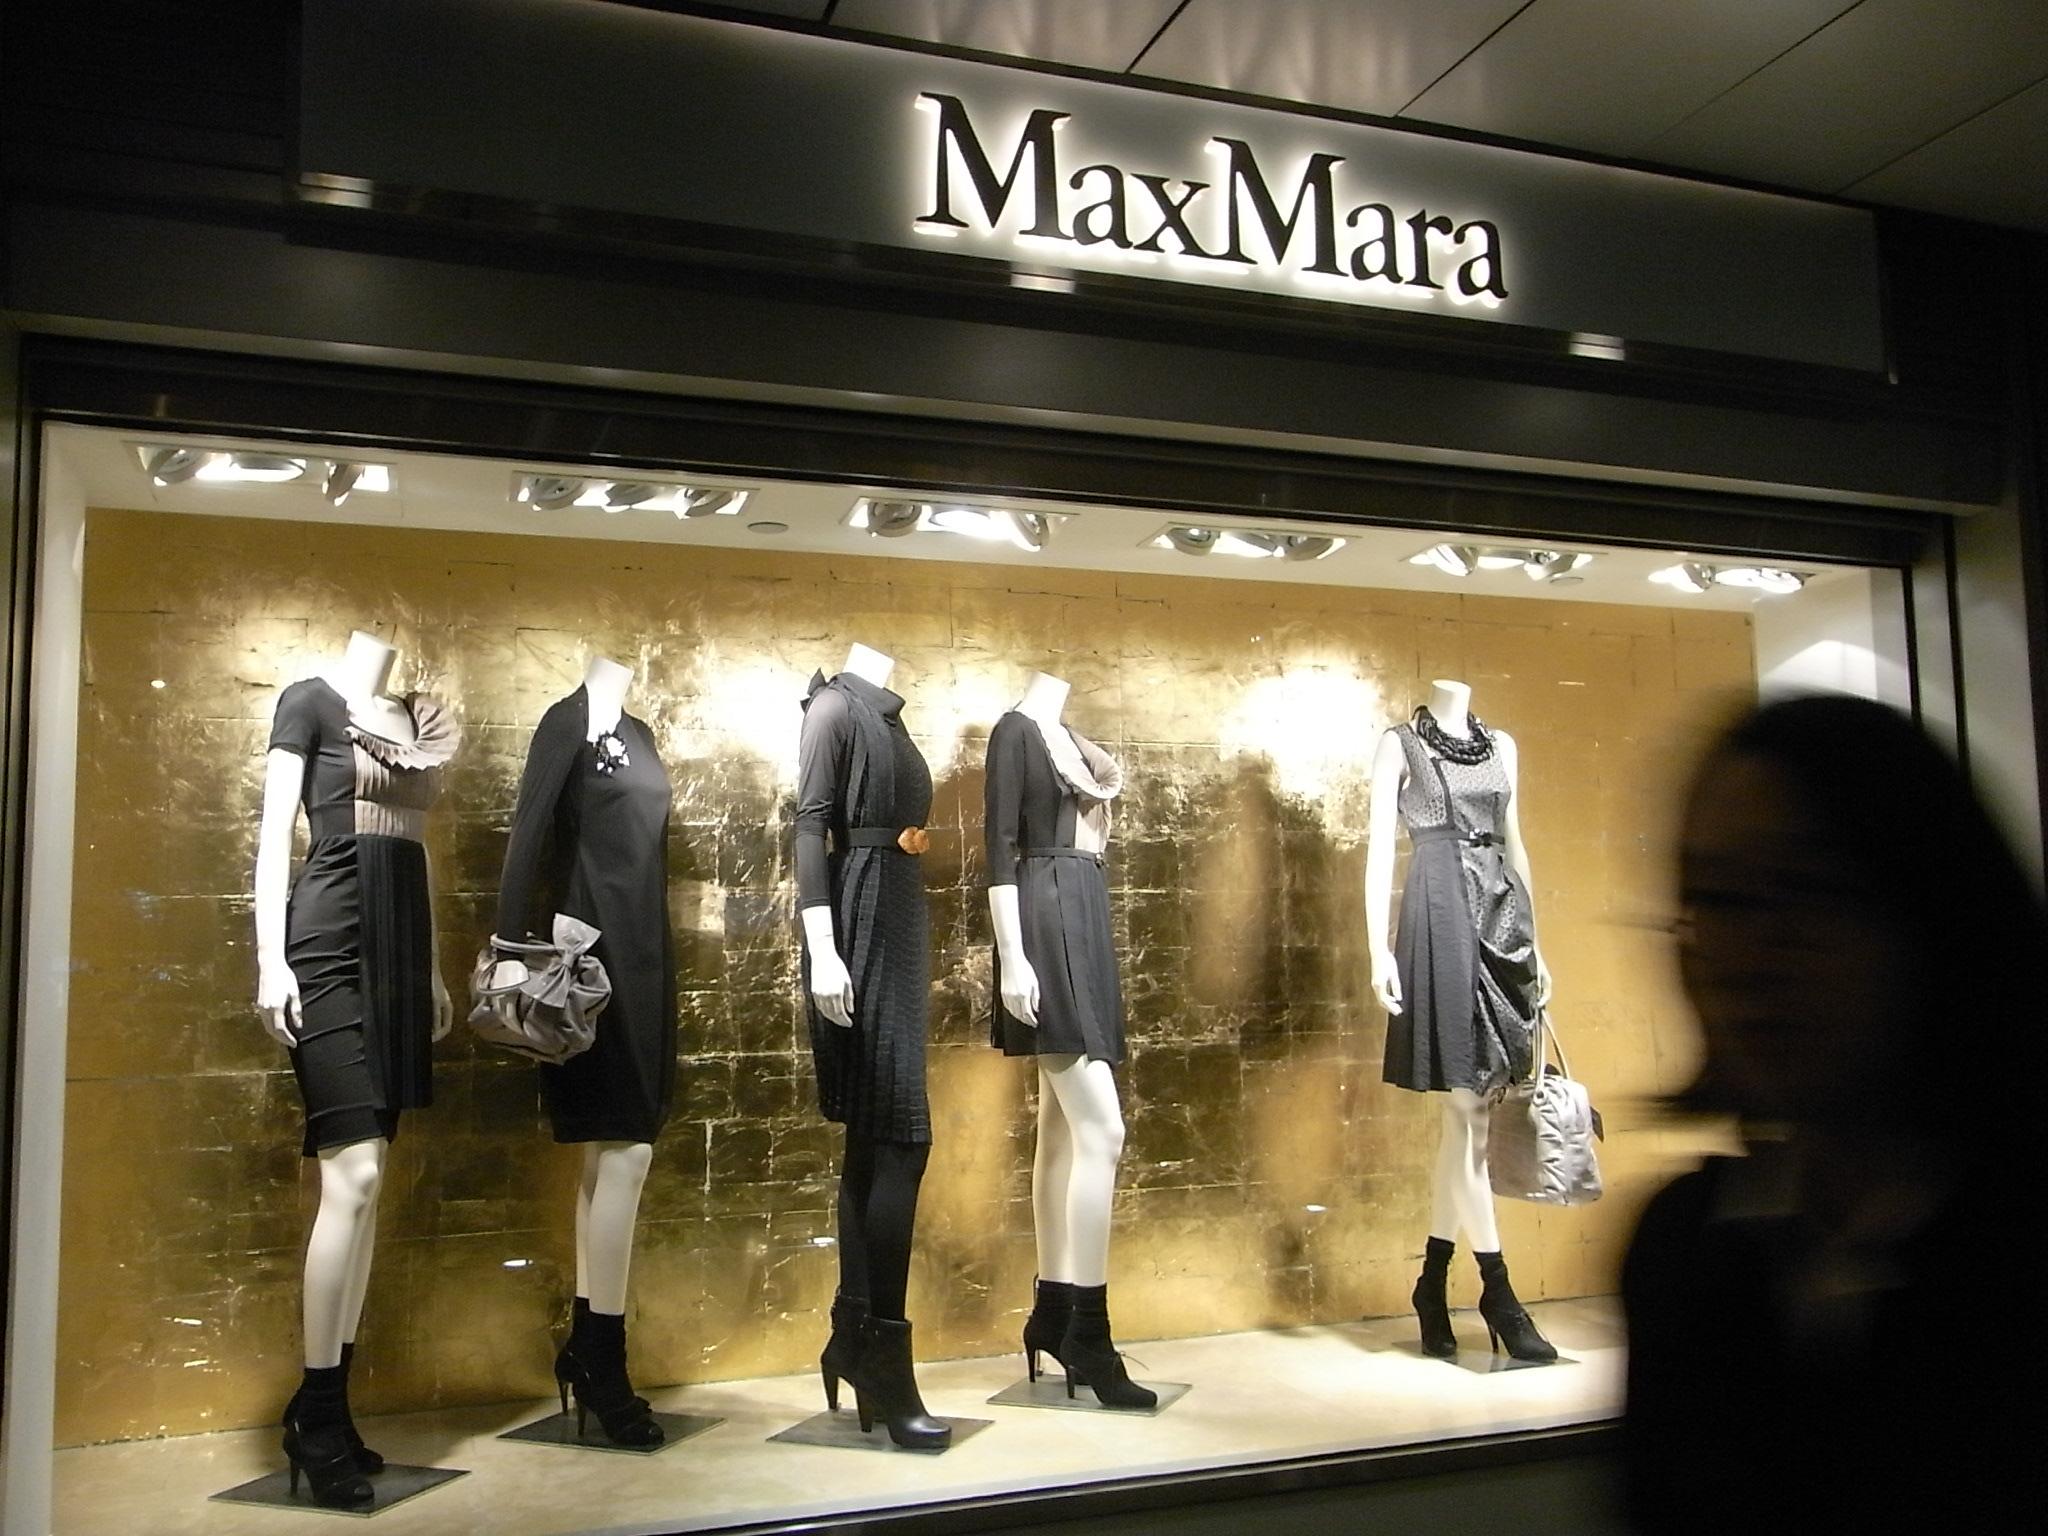 Veja o que saiu no Migalhas sobre Max Mara